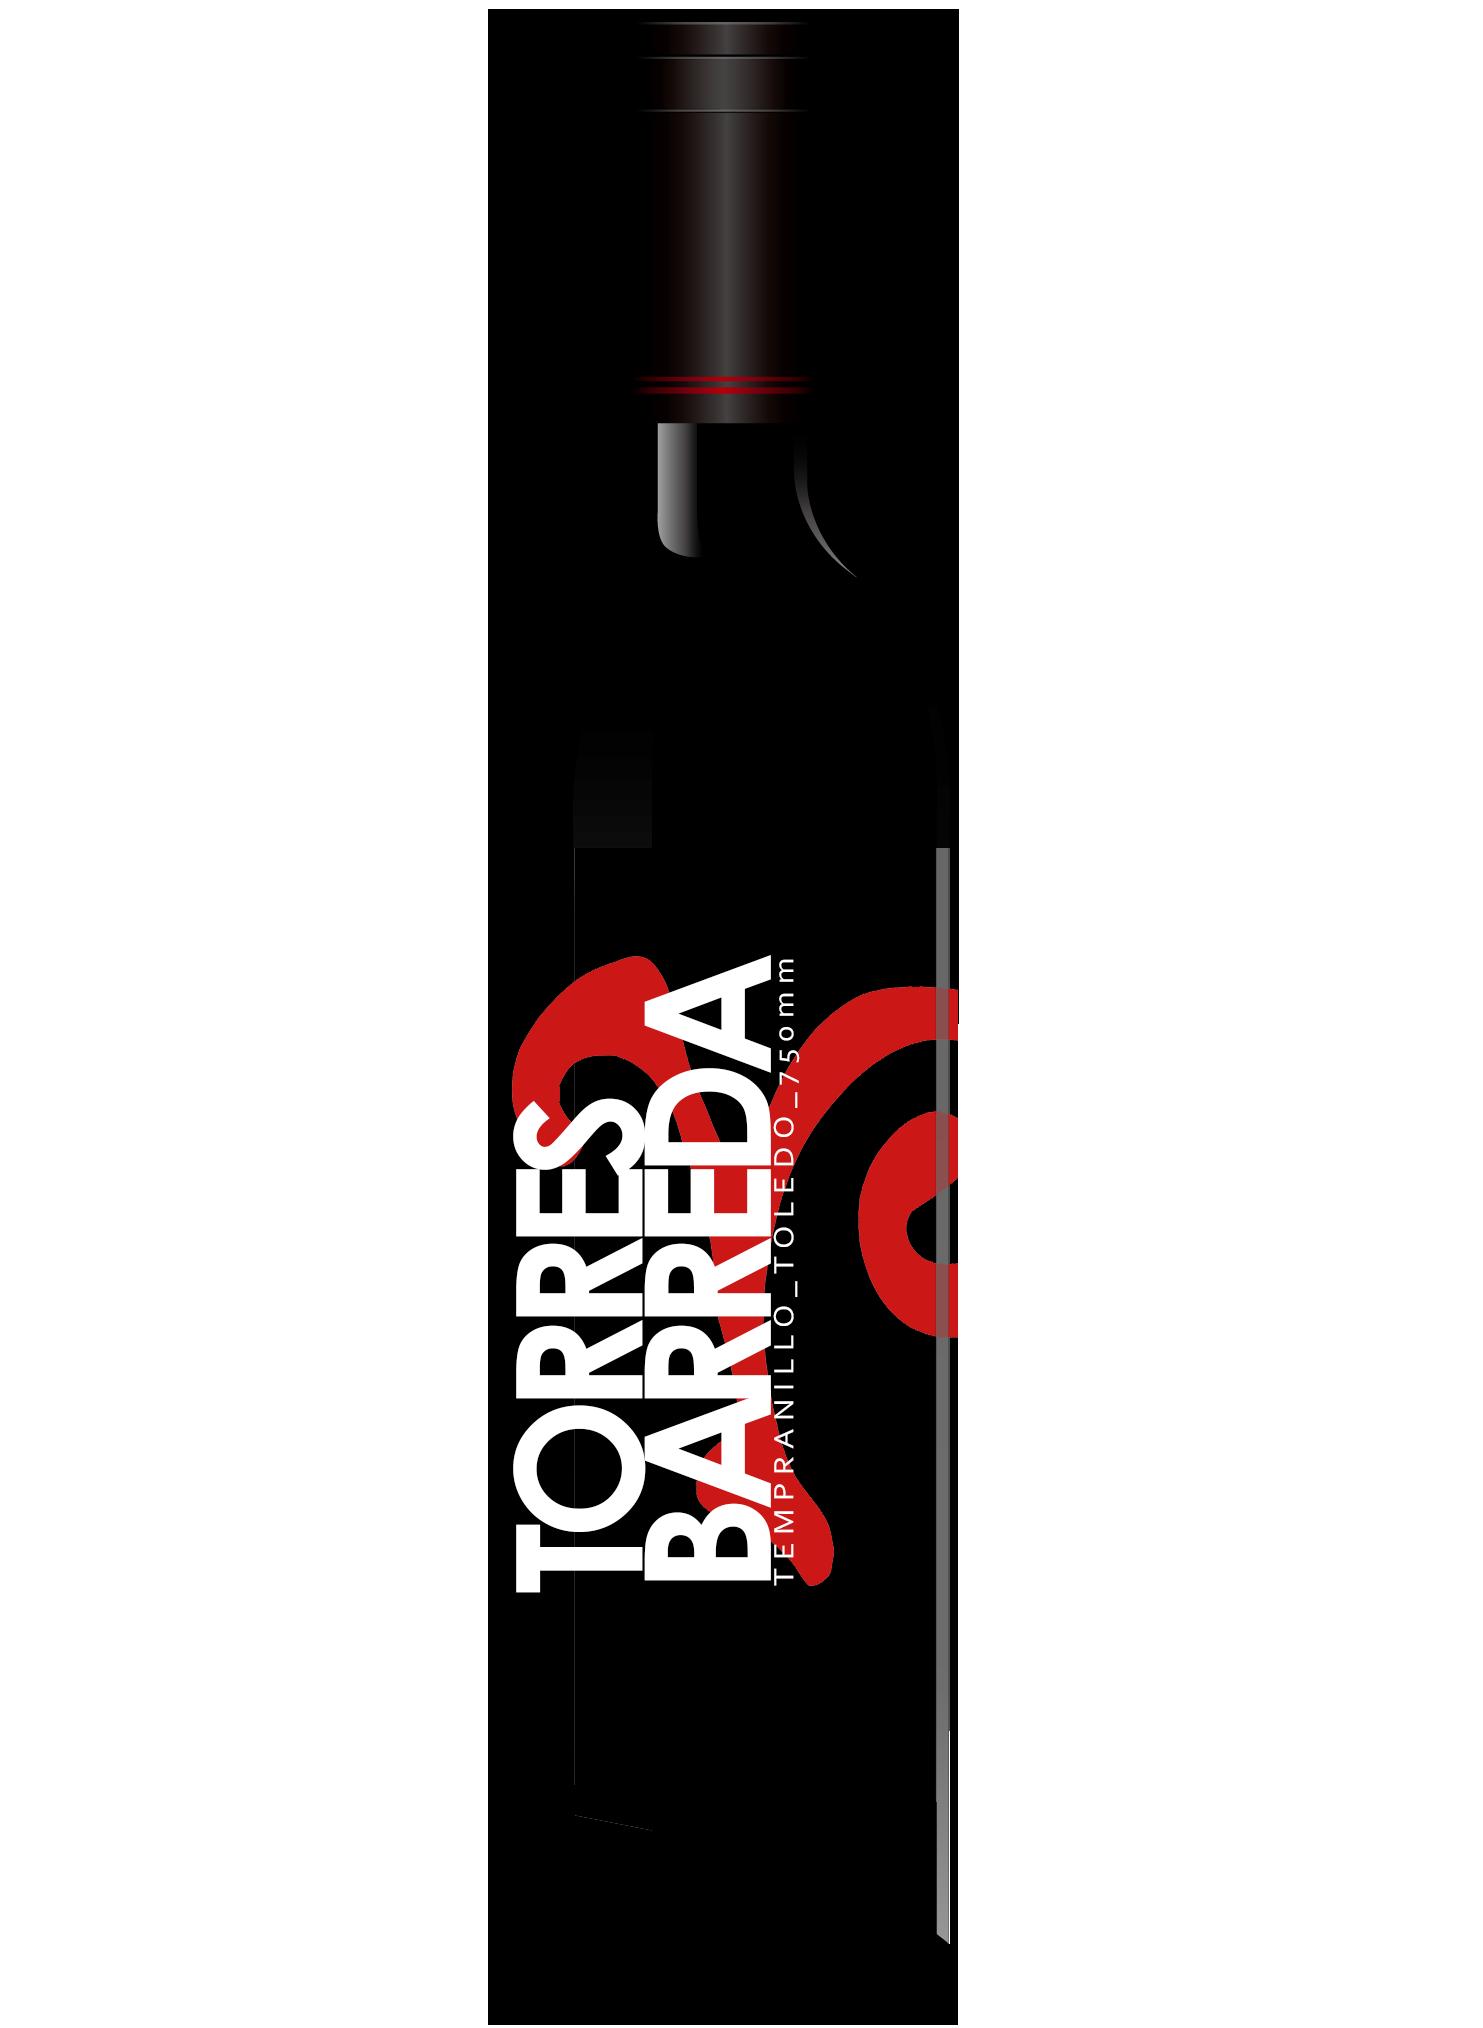 Botella_5_pablo_madrid_torres_de_barreda